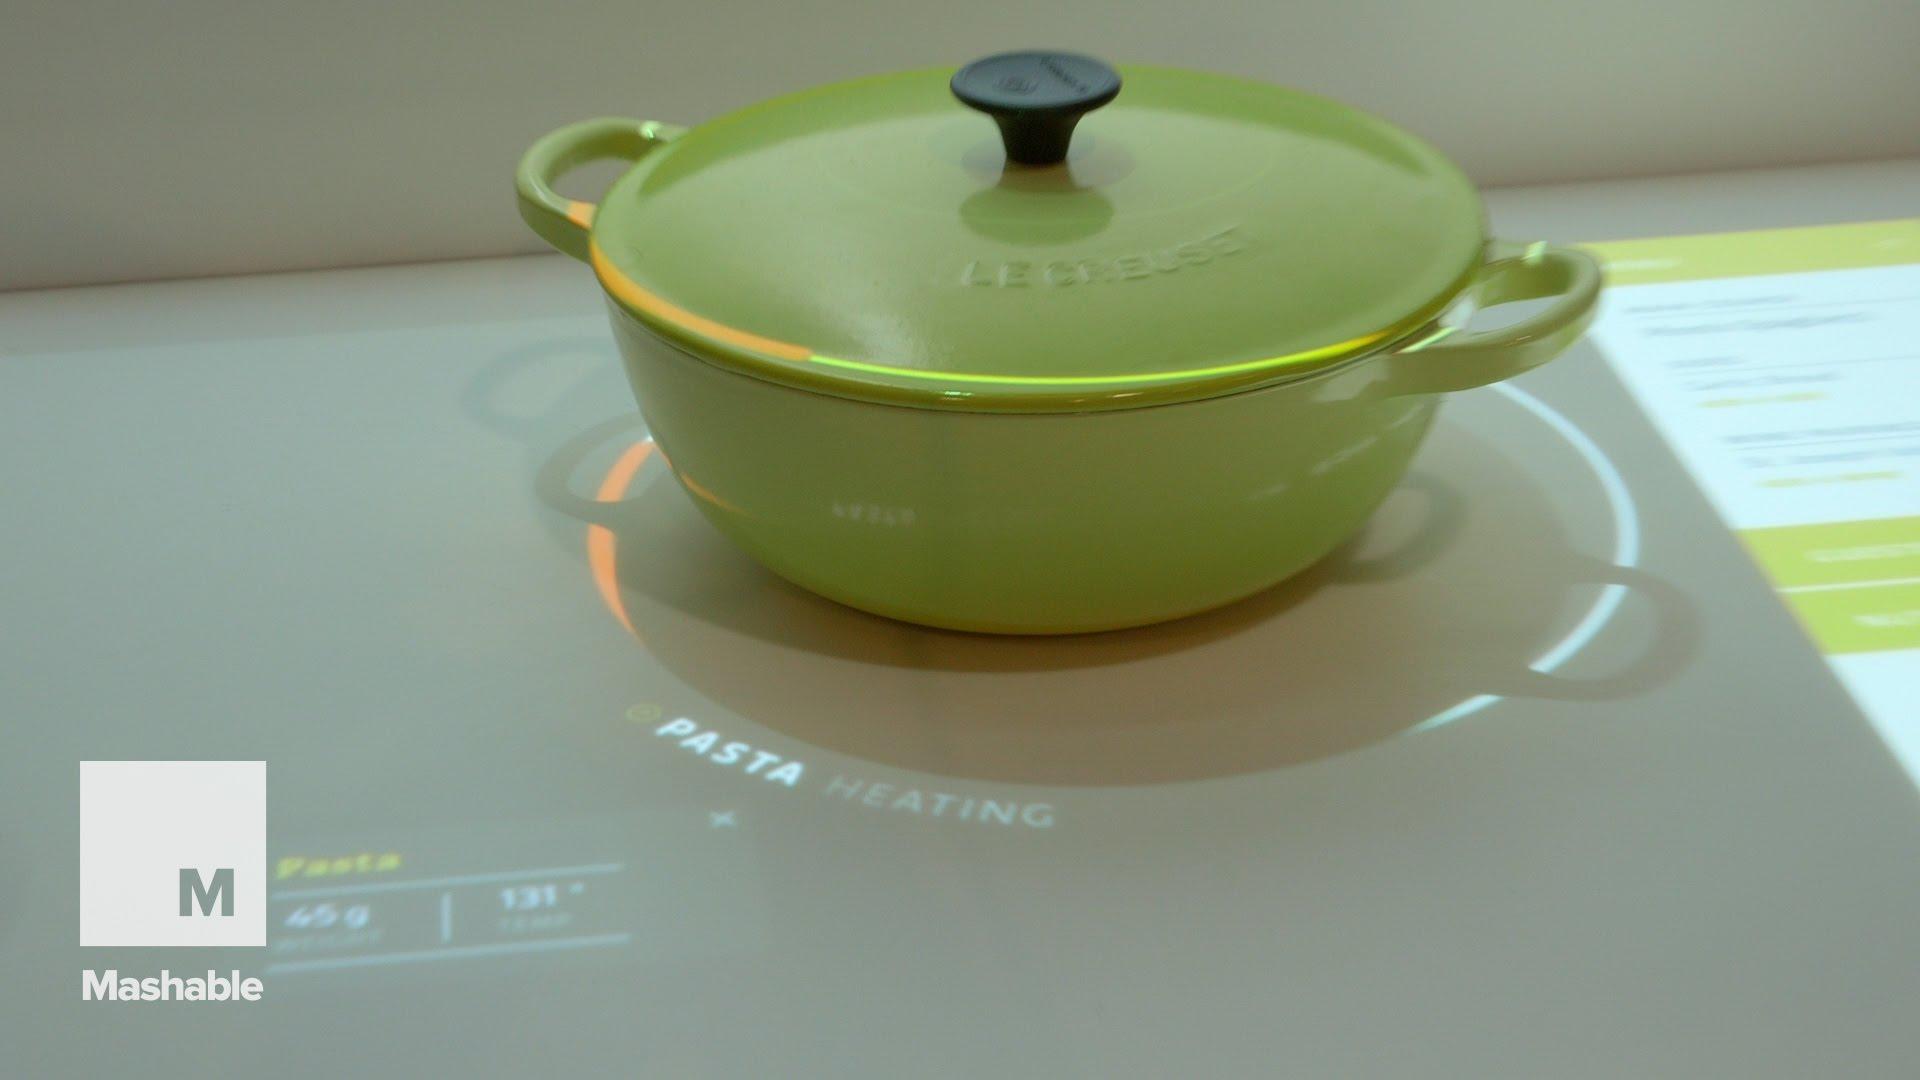 بالفيديو: هكذا سيكون مطبخ المستقبل